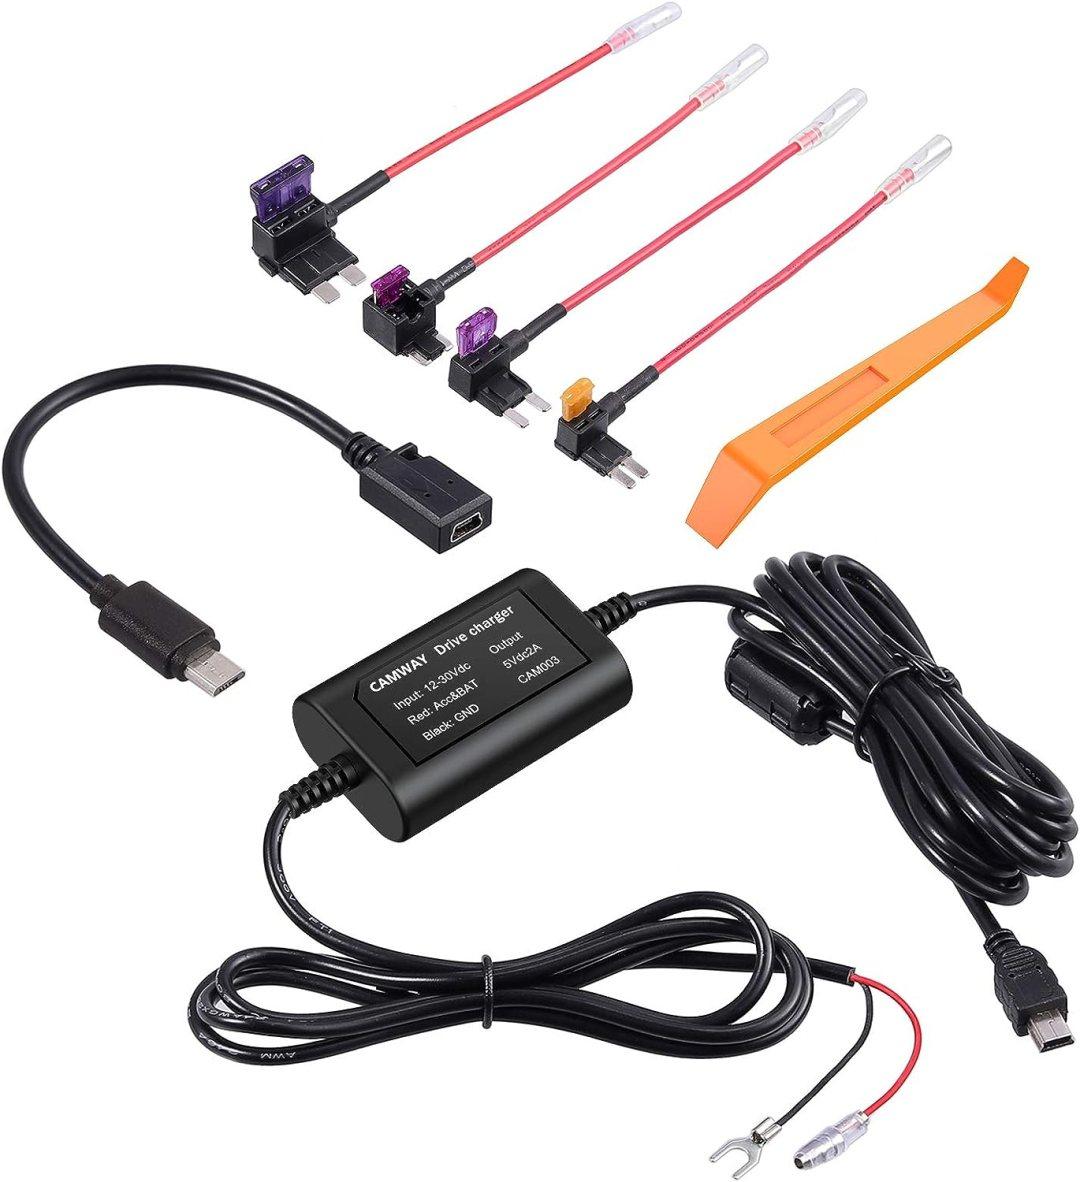 CAMWAY Dash Cam Hardwire Kit Mini USB 12V-24V à 5V Câble Rigide Kit Chargeur de Voiture Câble Dash Cam Hardwire avec Micro USB Cable pour Nextbase etc